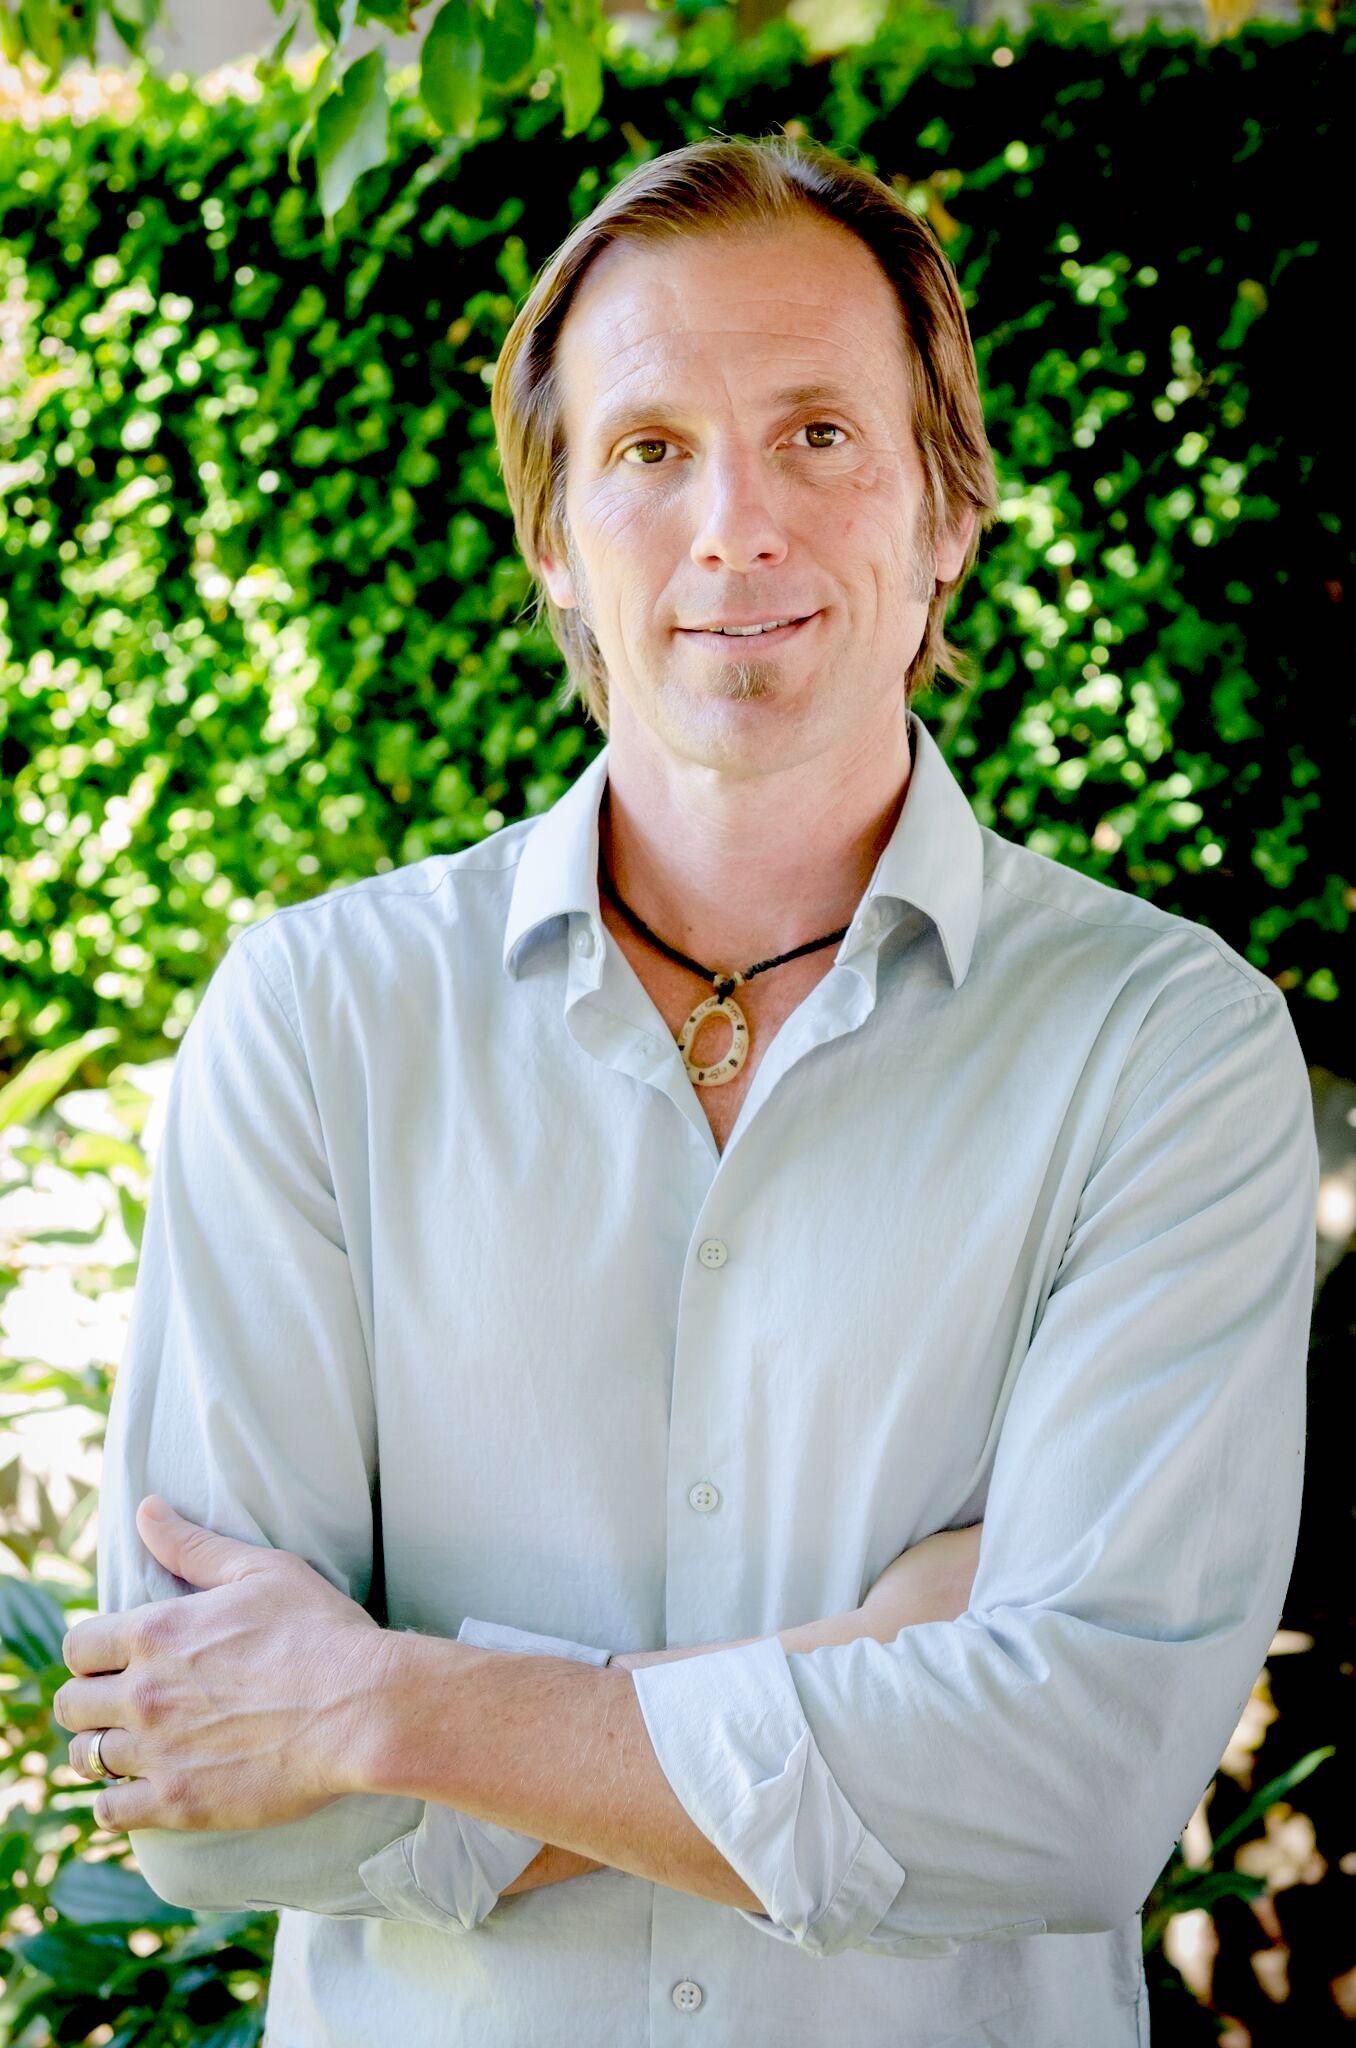 Nathan Fritz, MA, LMHCA